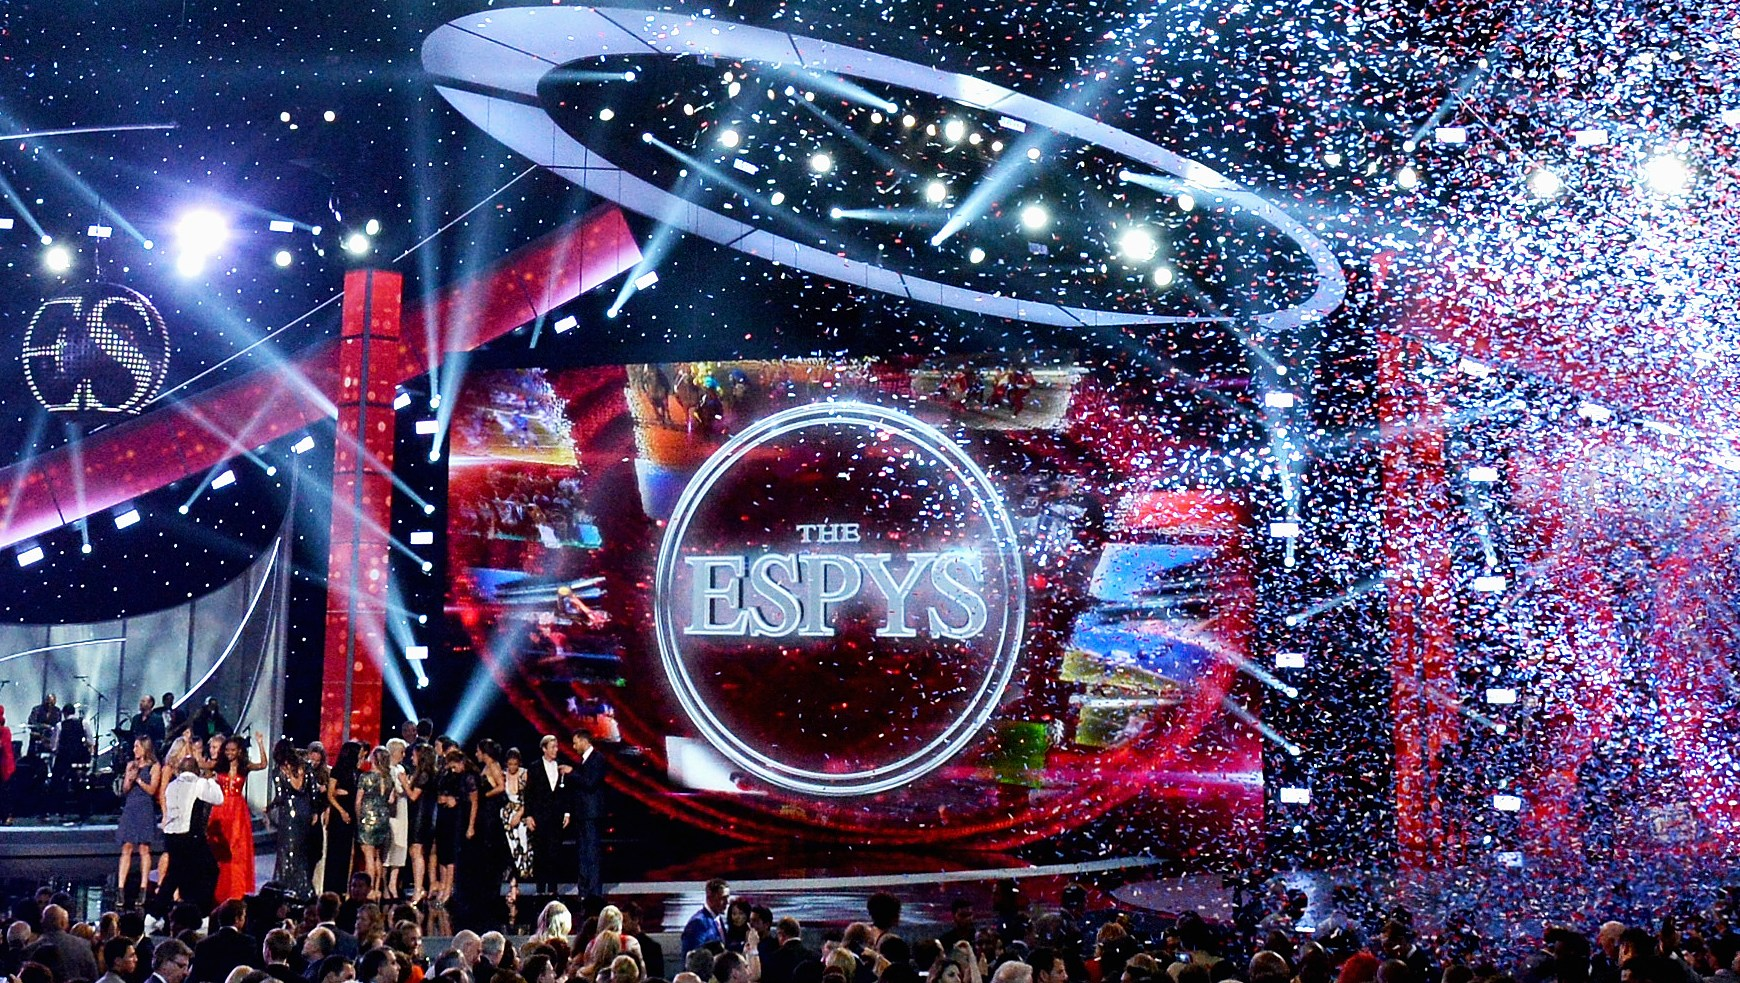 The-Espys 2018